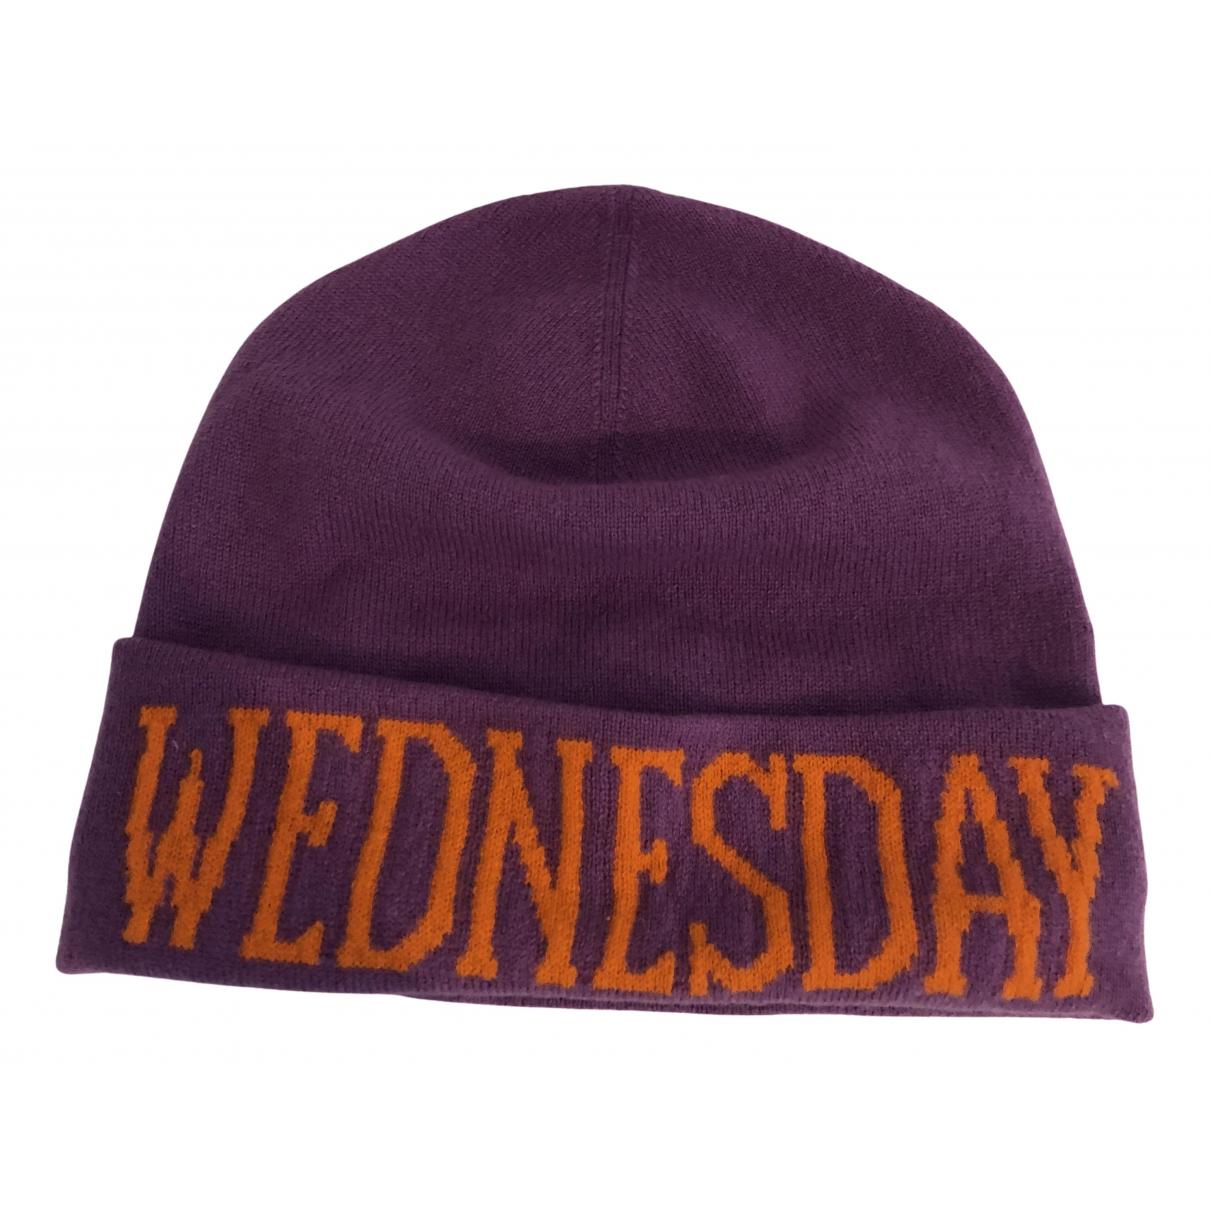 Alberta Ferretti N Purple Wool hat for Women 58 cm